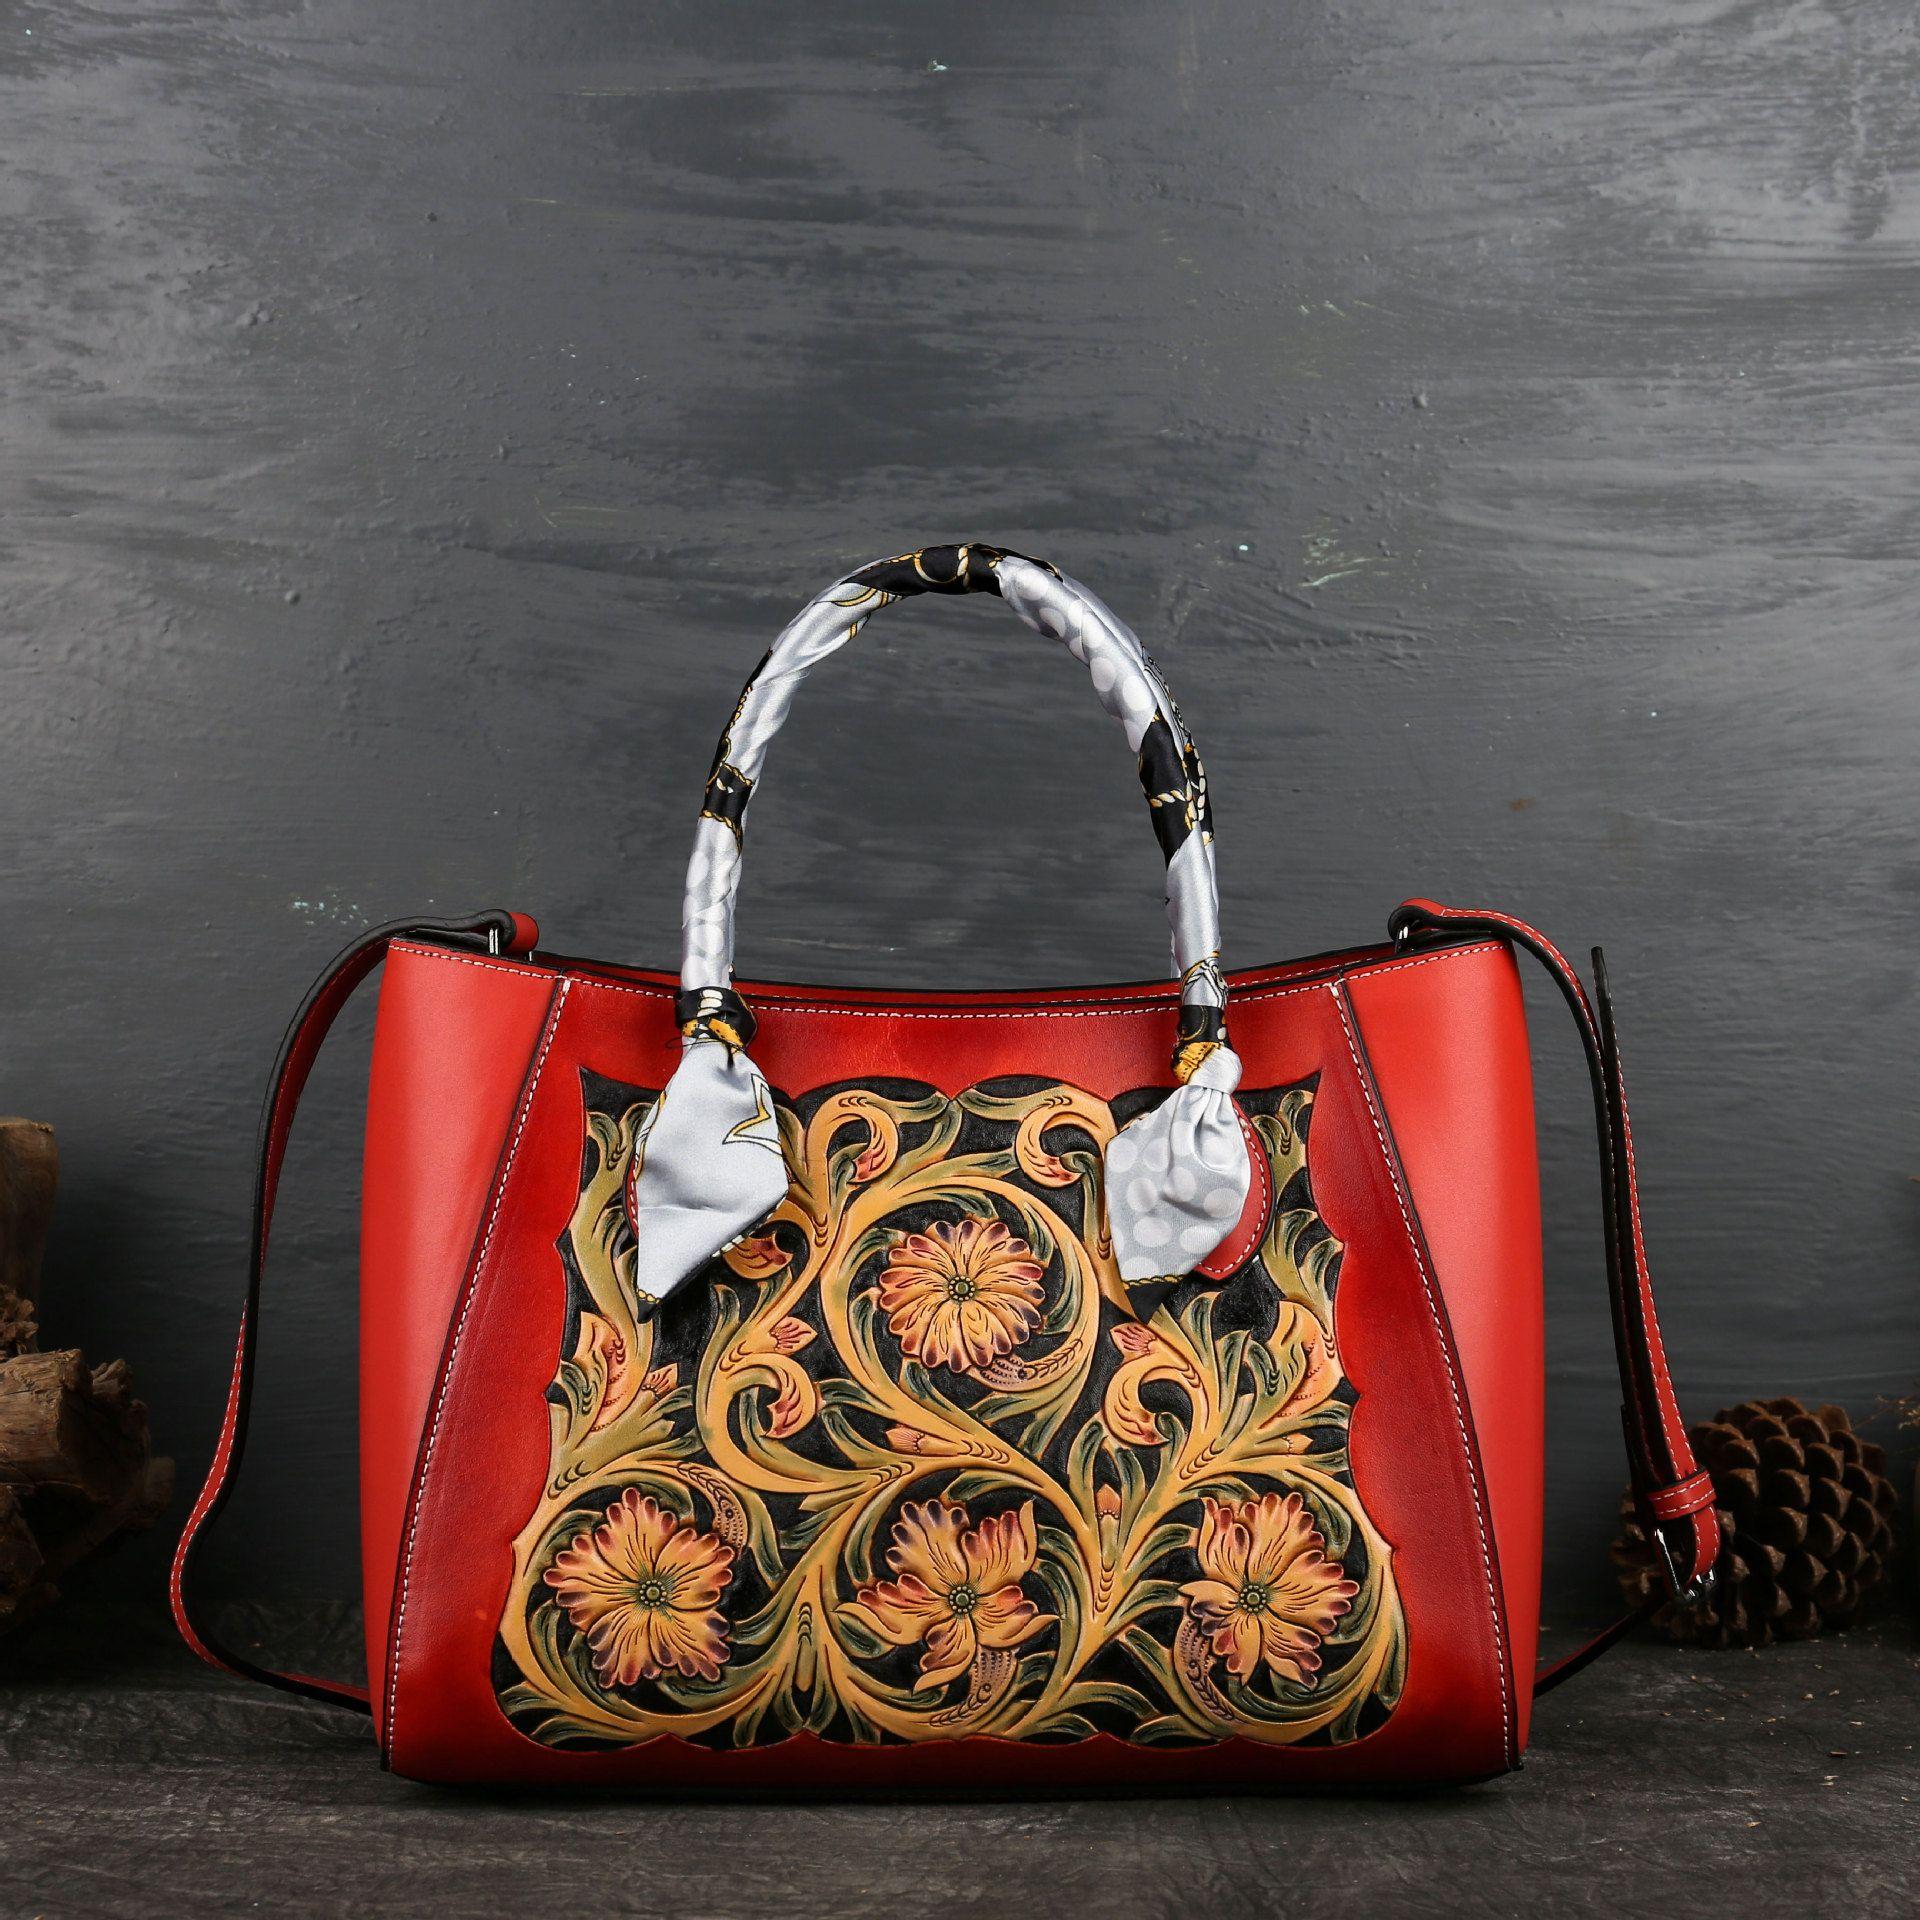 Beutel der Frauen Herbst und Winter 2019 neue Leder Skulptur geprägt Umhängetasche aus Leder retro Frauen einzelne Schulter Rucksack